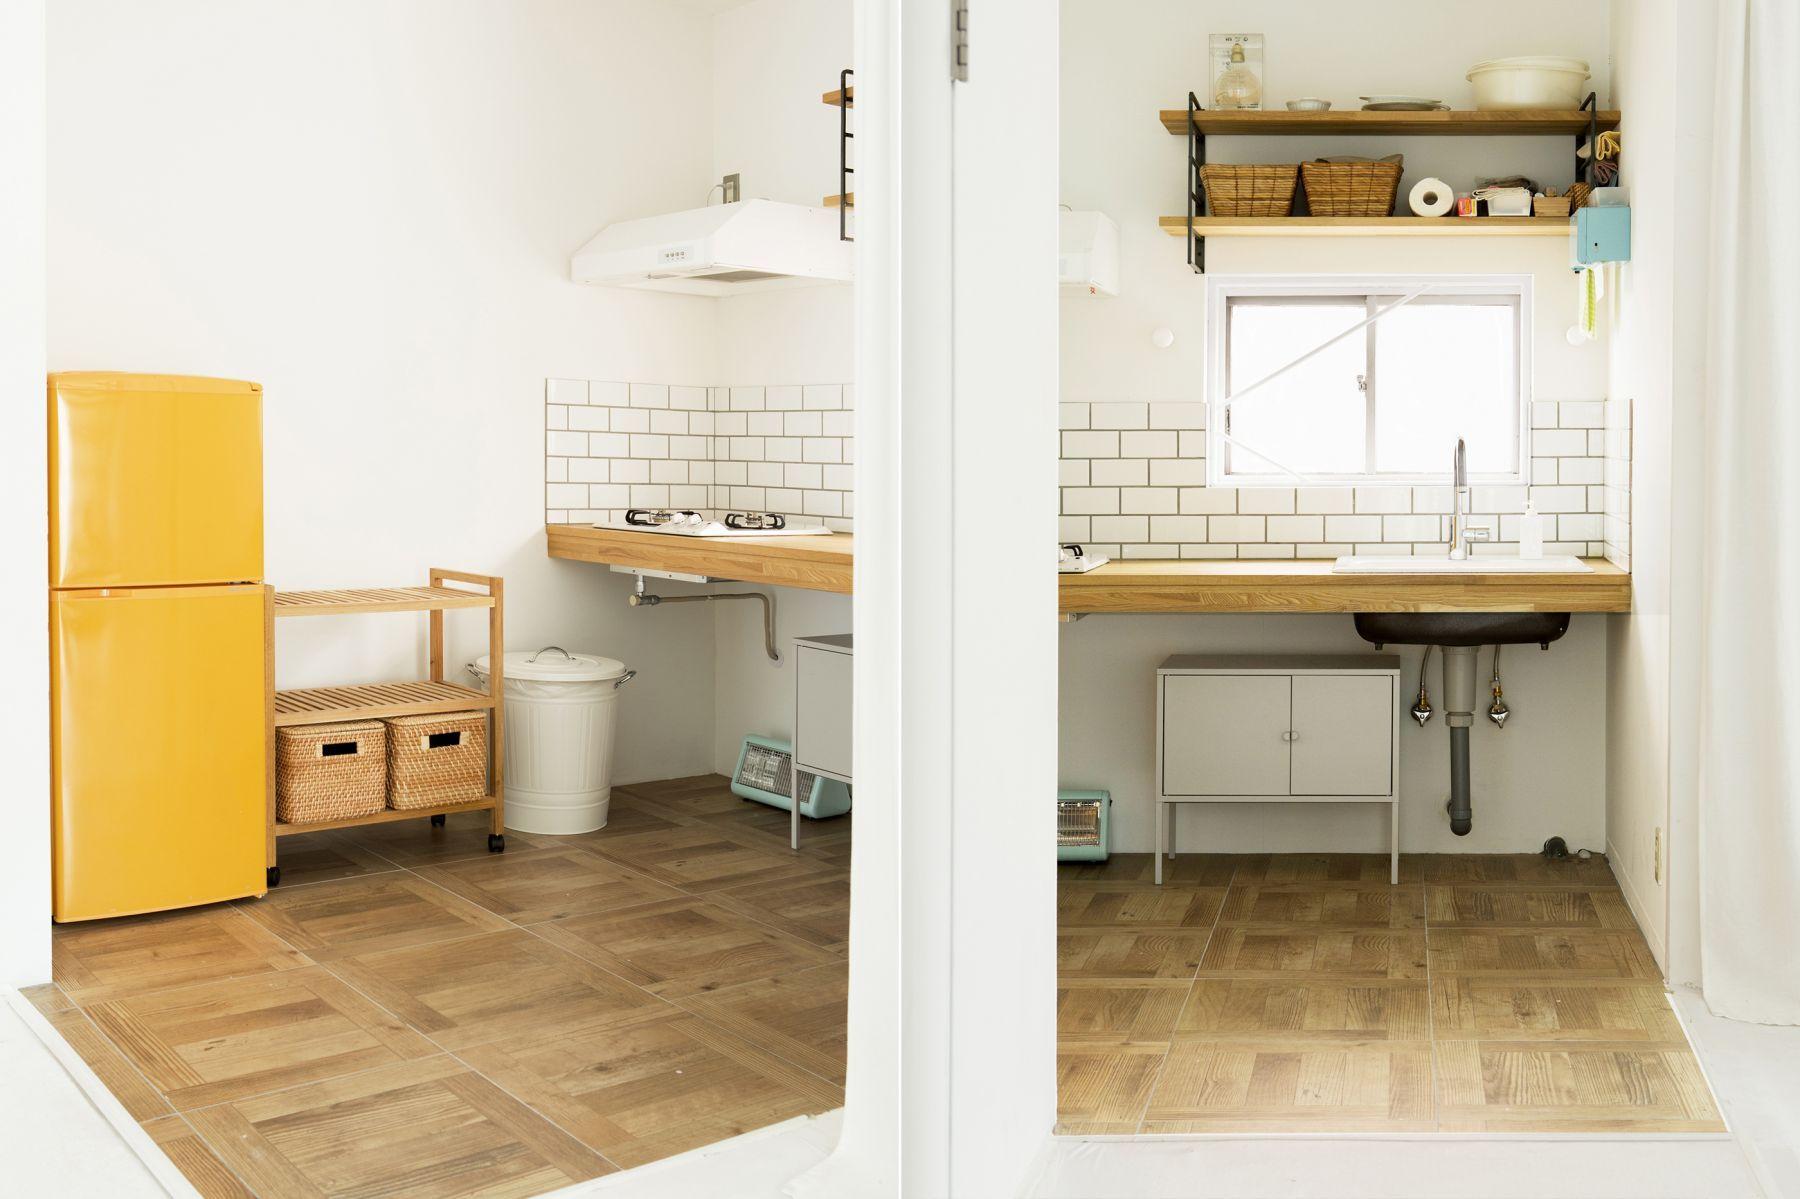 studio ConTRail (スタジオ コントレイル)キッチン 調理可/2口コンロ